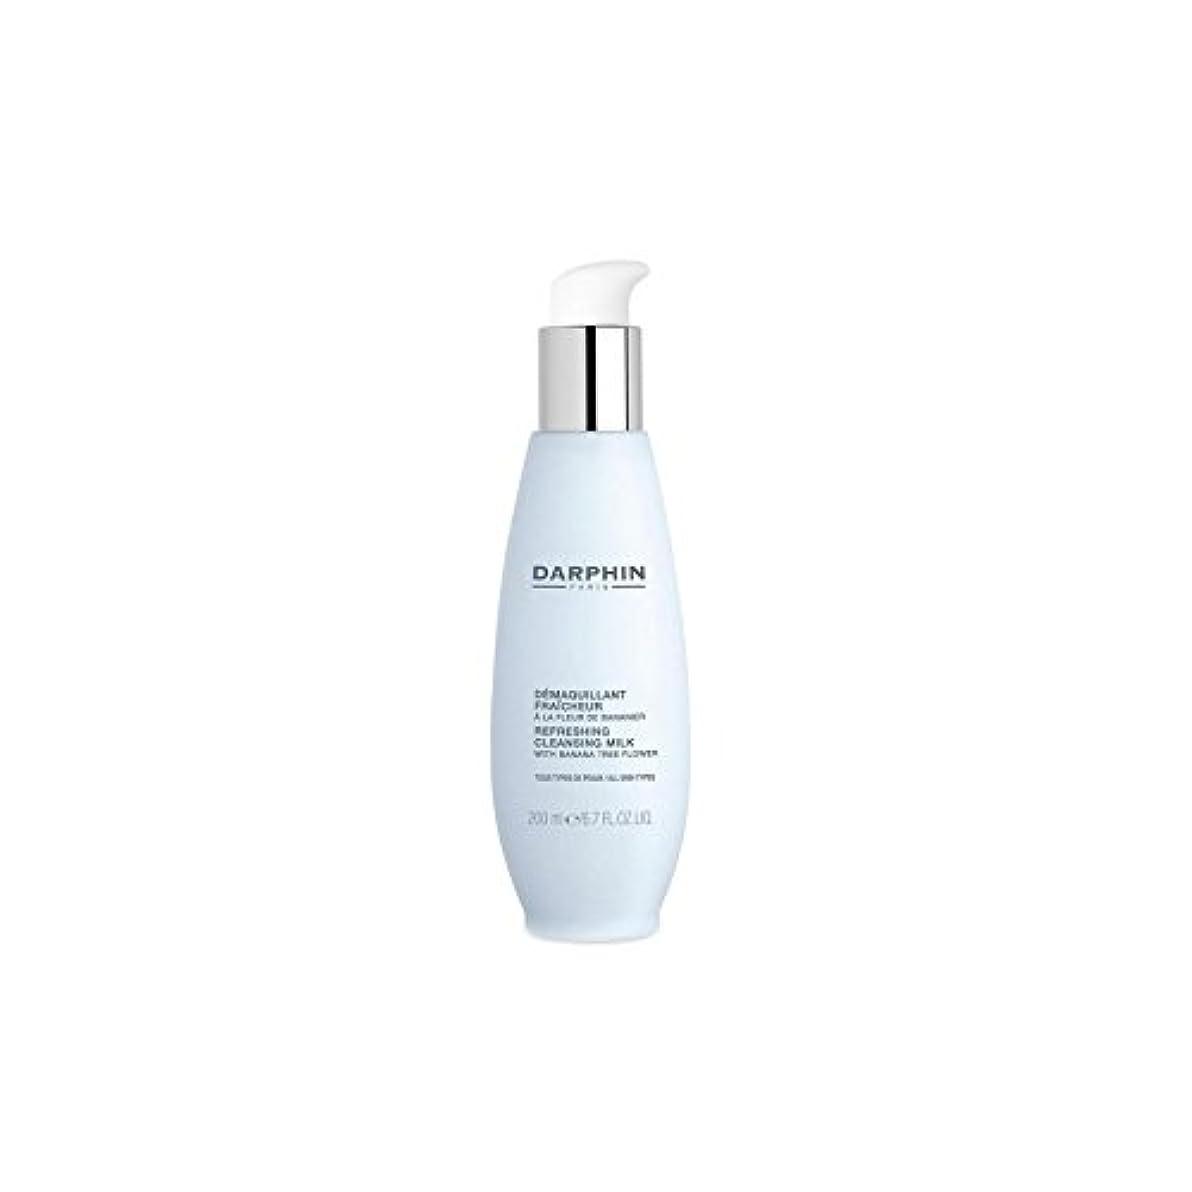 スワップ神社シロクマさわやかなクレンジングミルクをダルファン - 正常な皮膚のために(200ミリリットル) x2 - Darphin Refreshing Cleansing Milk - For Normal Skin (200ml) (...